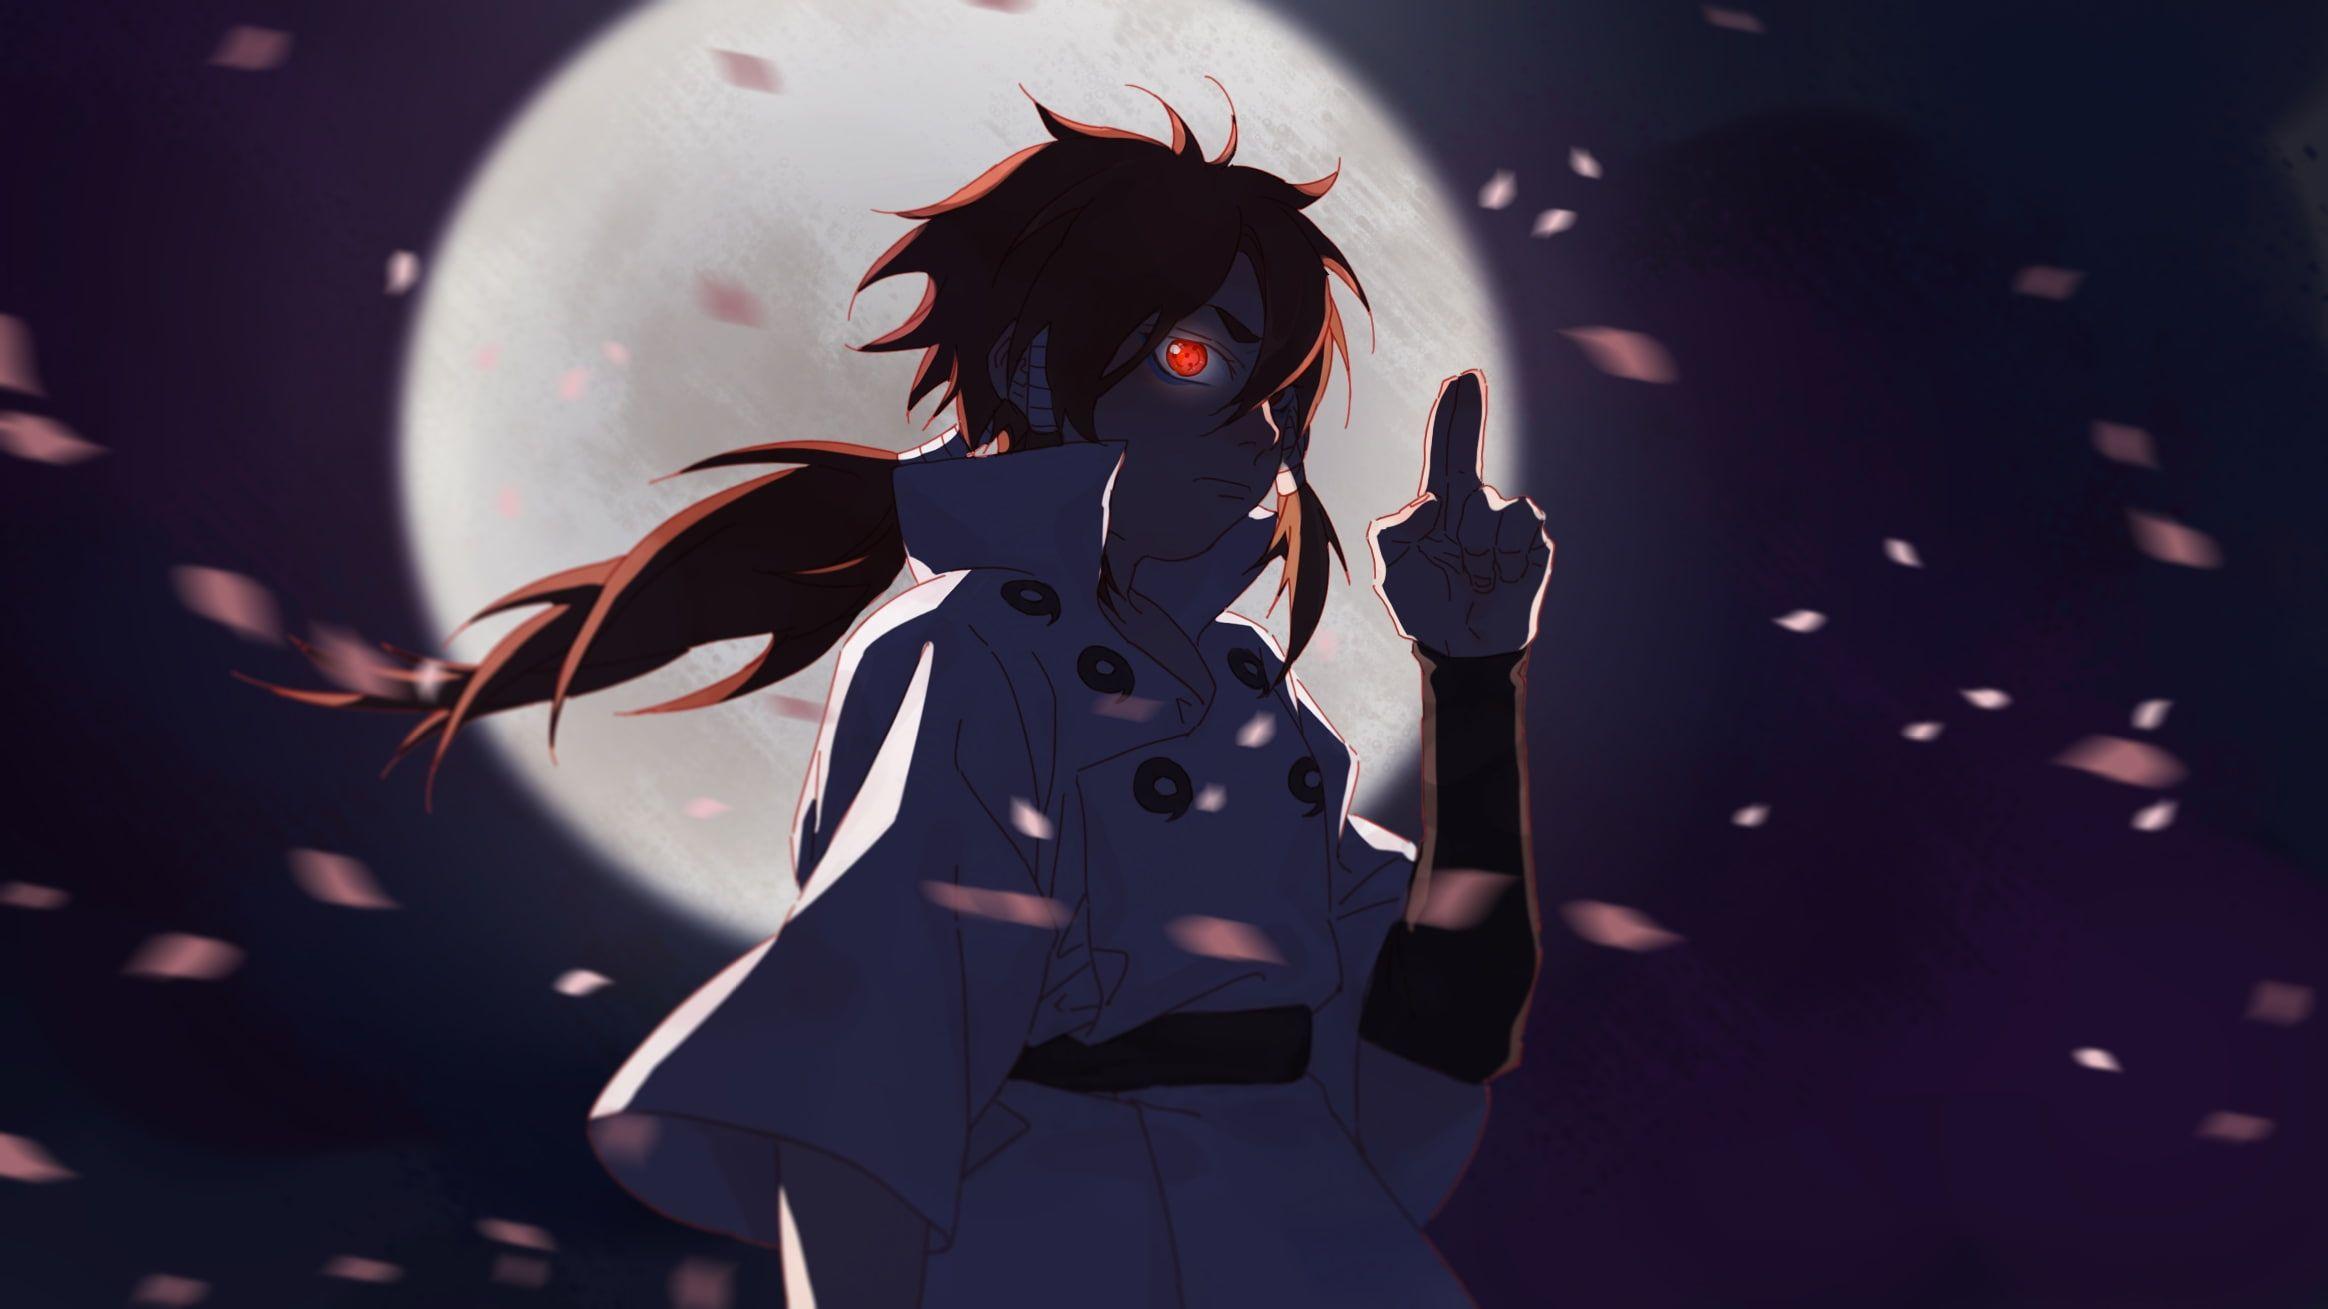 Otsutsuki Indra Naruto Moon Petals Sharingan Anime 1080p Wallpaper Hdwallpaper Desktop Naruto Anime Naruto Anime